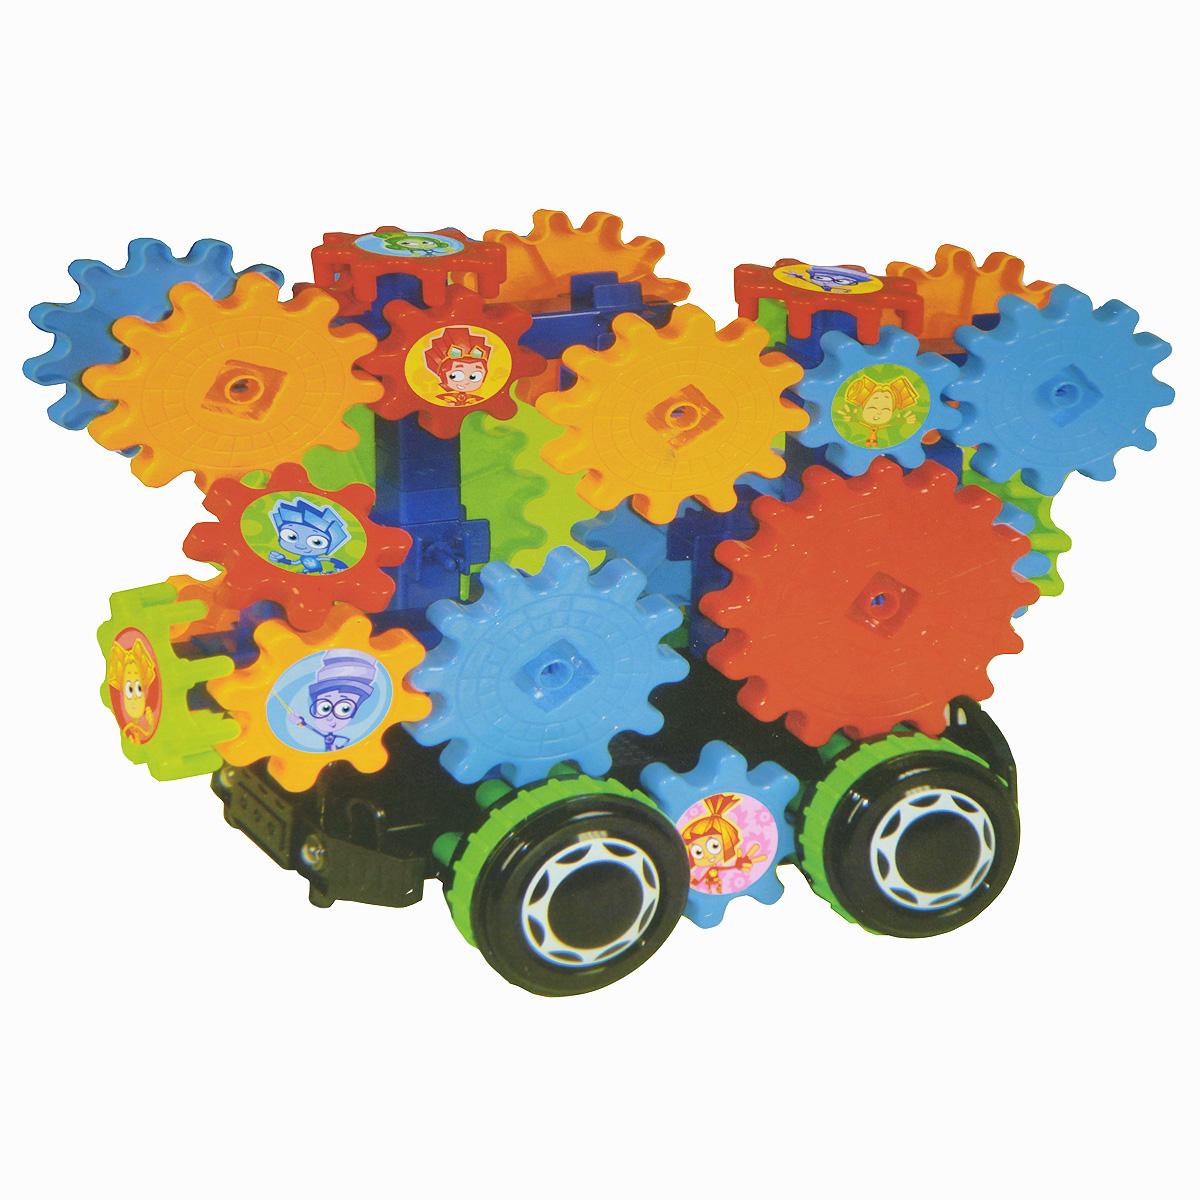 Фиксики Конструктор Автомобиль будущегоFIX0711-024А вы знакомы с Фиксиками? Это маленькие человечки, которые живут в любых приборах и машинах, созданных людьми. Конструктор Фиксики Автомобиль будущего- это необычный конструктор на радиоуправлении! Собери игрушку, а потом управляй ей, как настоящей машинкой. Шестерёнки у игрушки двигаются. Для работы конструктора необходимо докупить 4 батарейки АА (не входят в комплект). Для работы пульта управления необходимо докупить 2 батарейки АА (не входят в комплект).